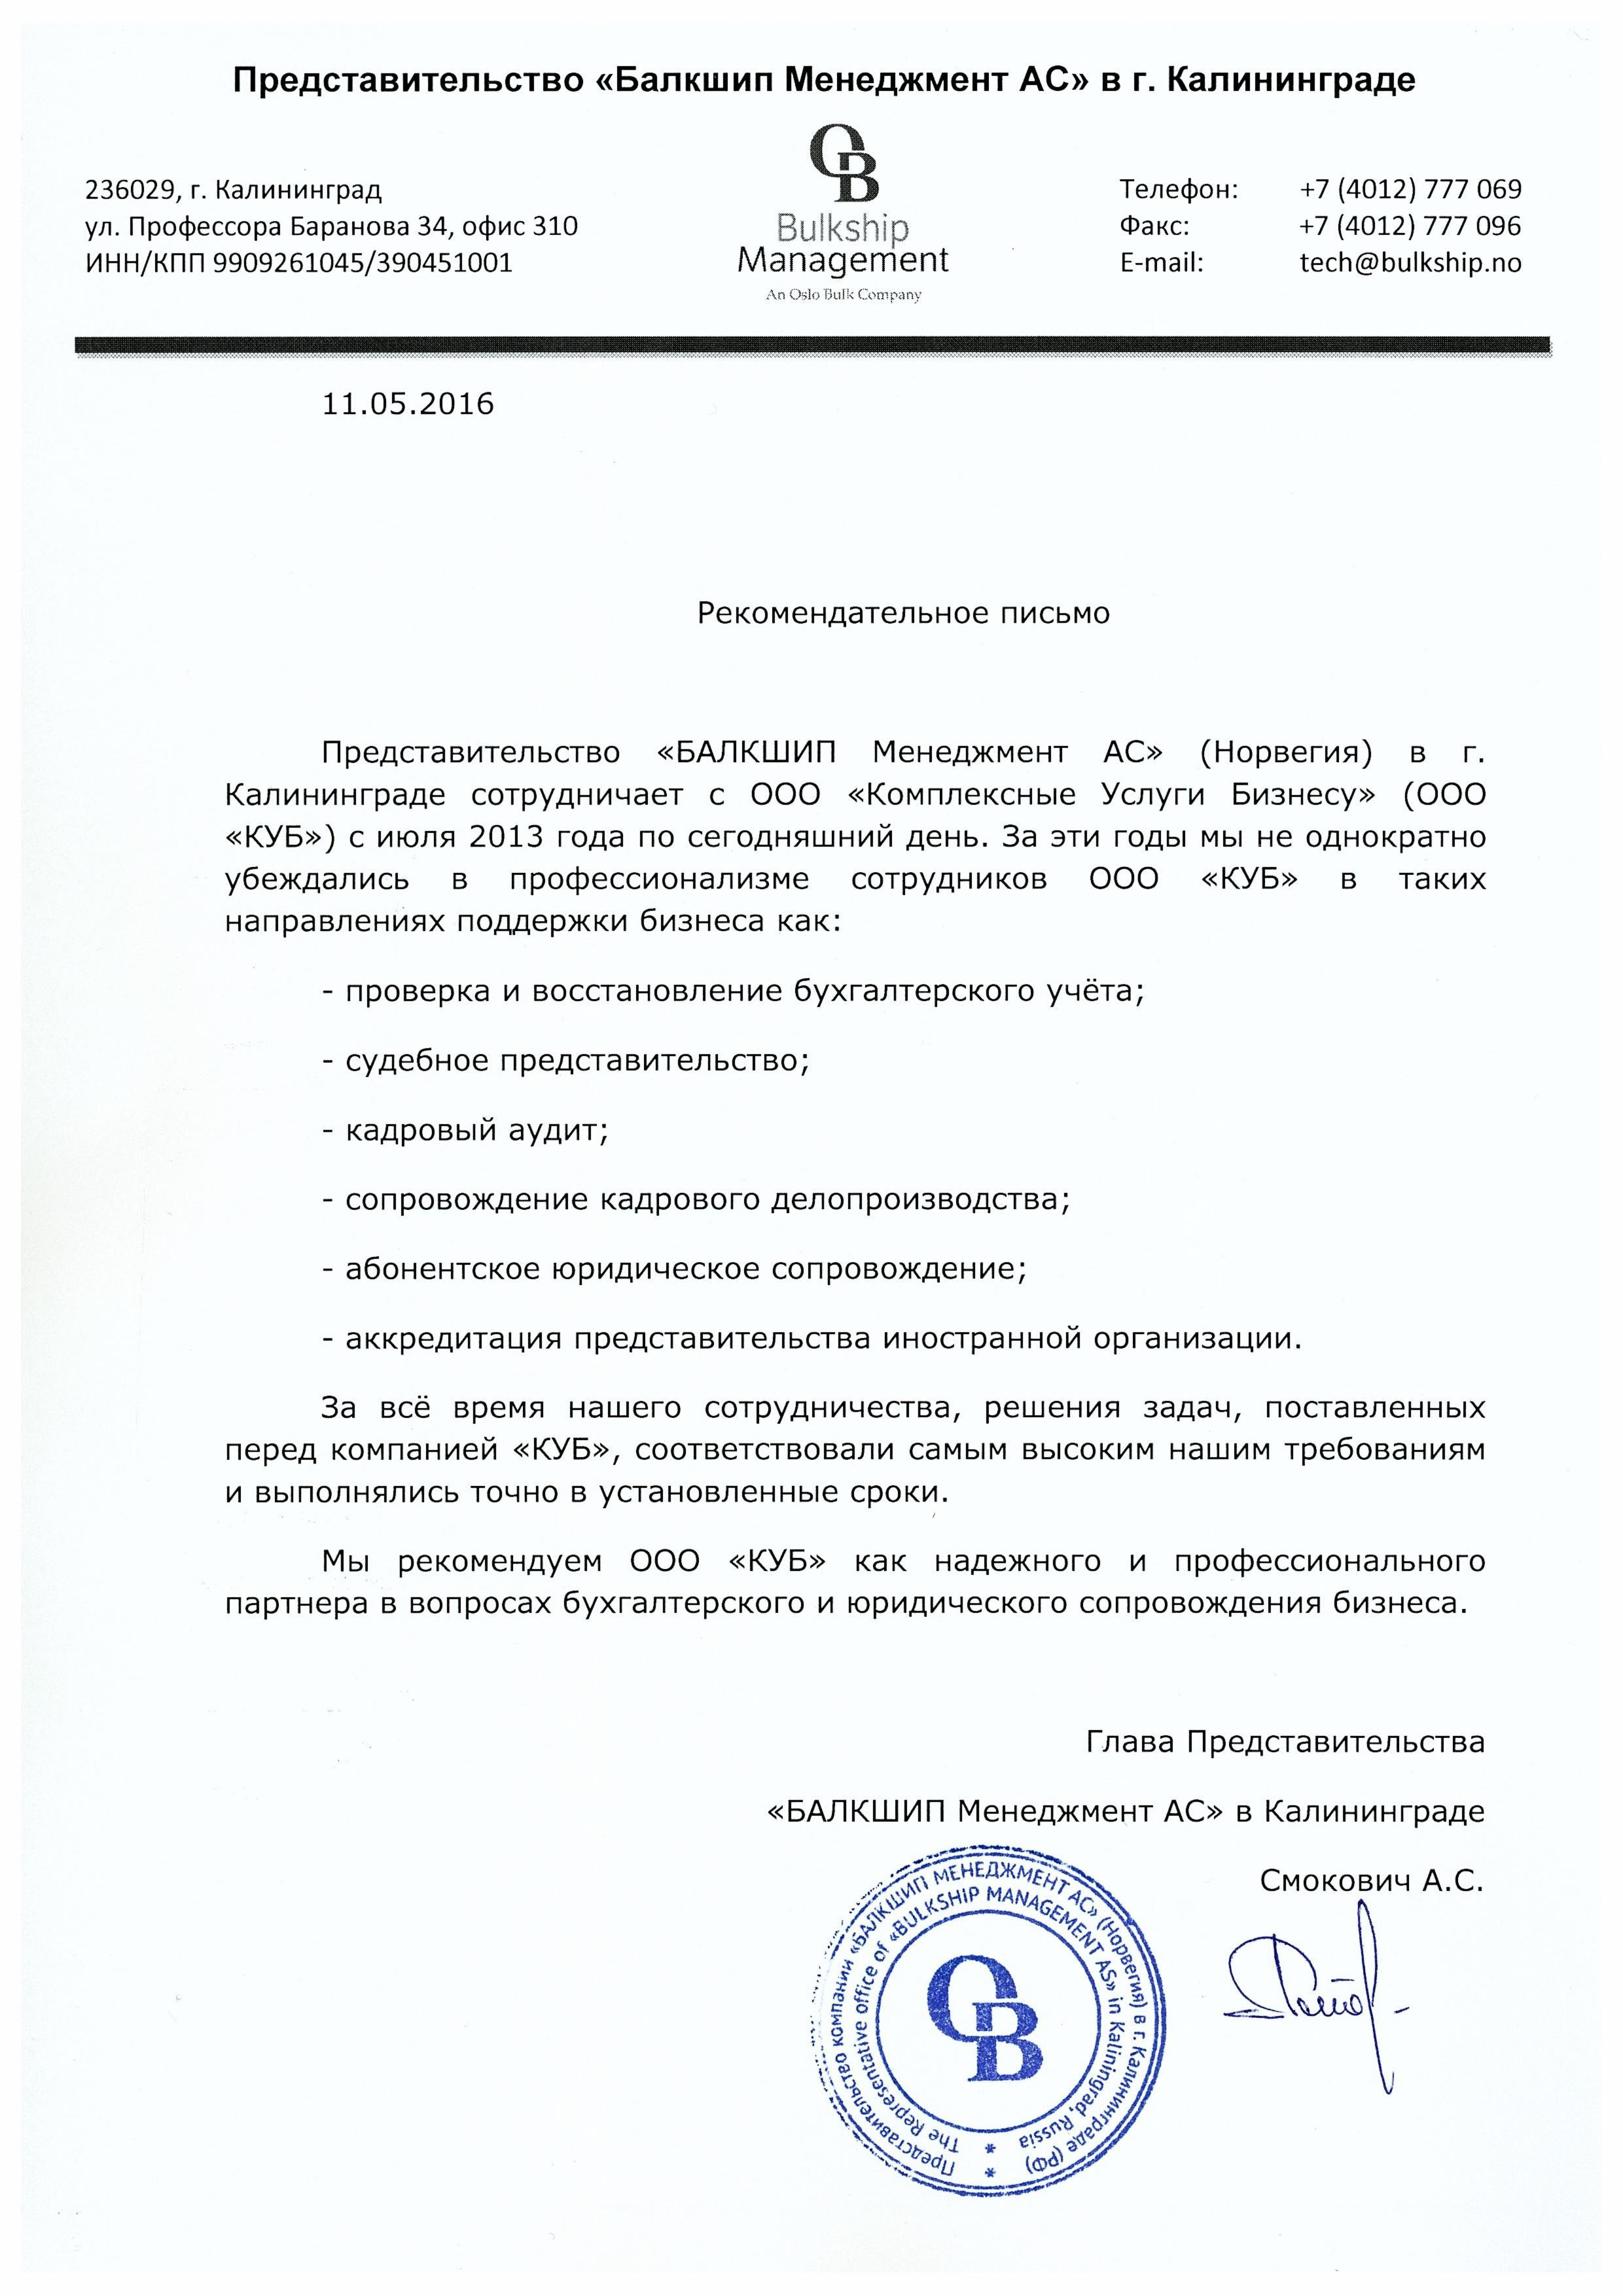 Скан отзыва от Представительство «БАЛКШИП Менеджмент АС» (Норвегия) в г.Калининграде